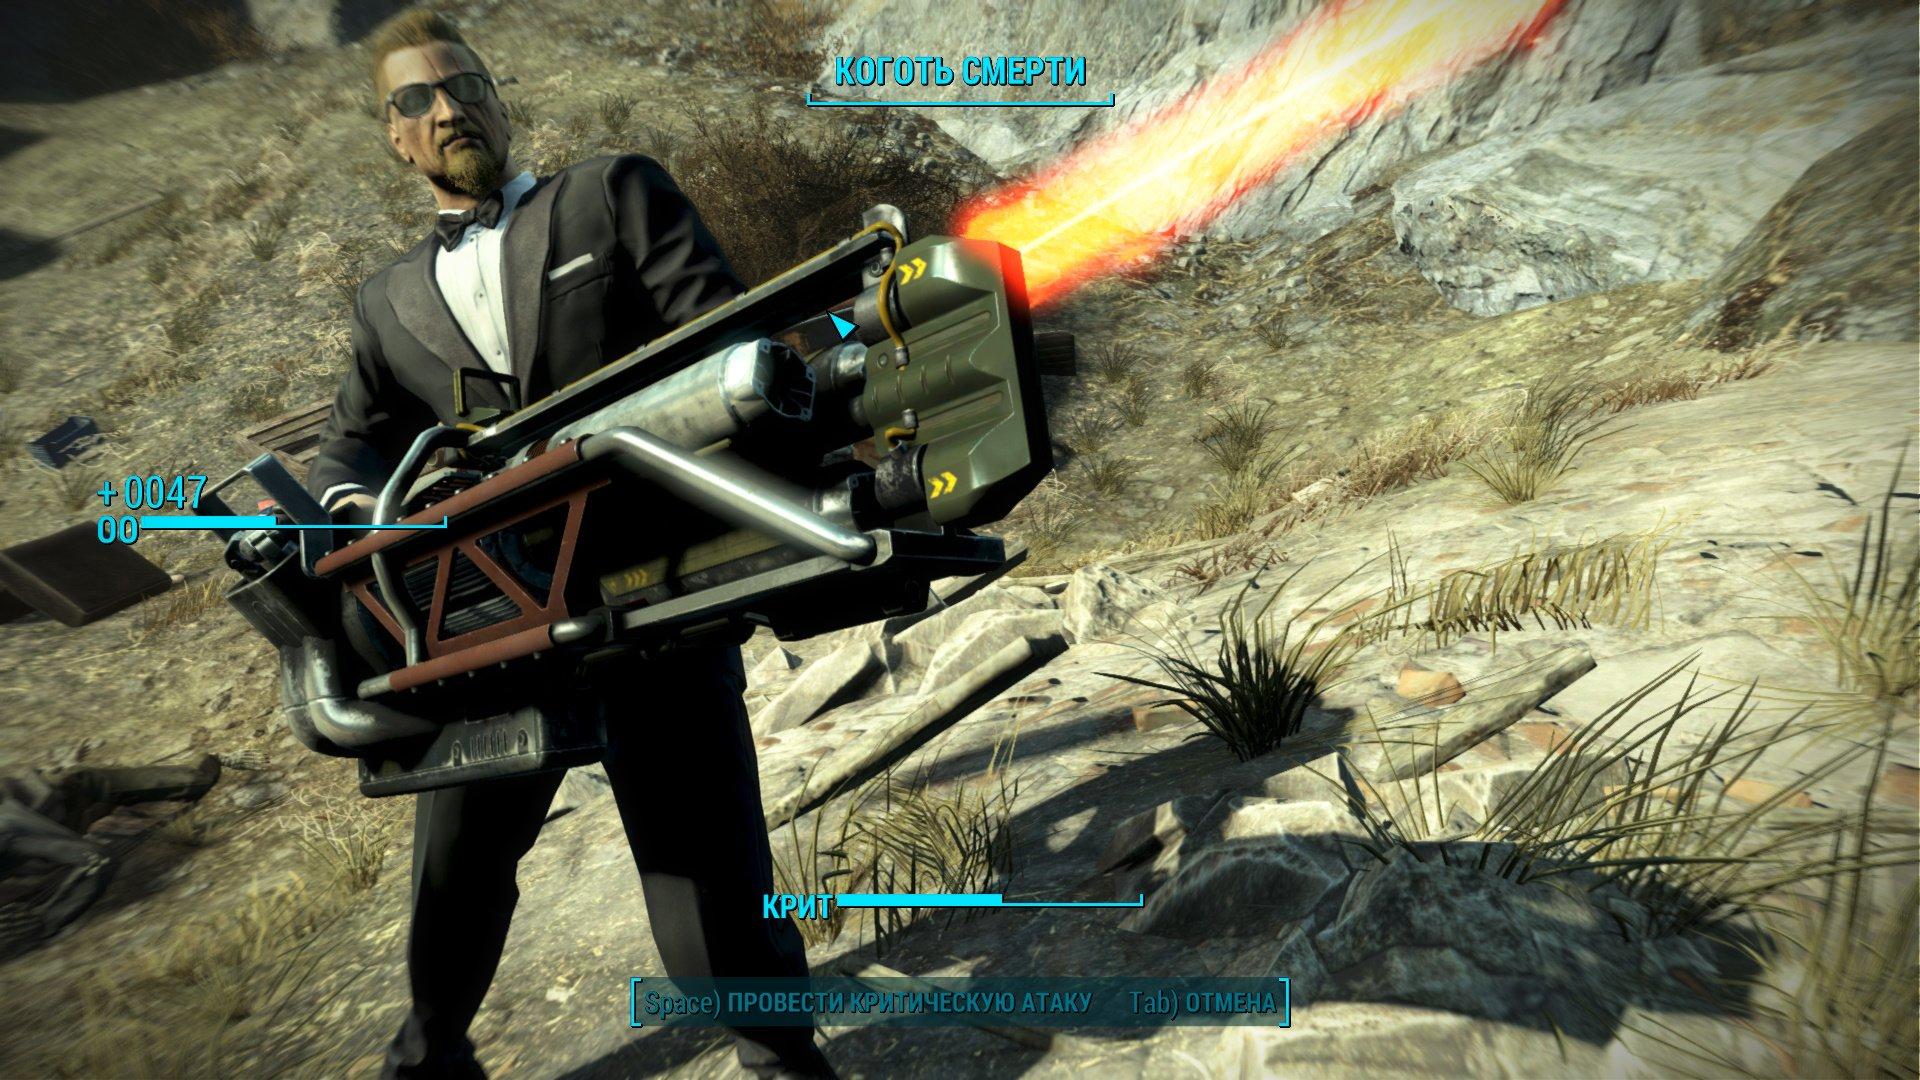 Сравнительный анализ (на самом деле нет) Fallout New Vegas vs. Fallout 4 (часть 2) - Изображение 1